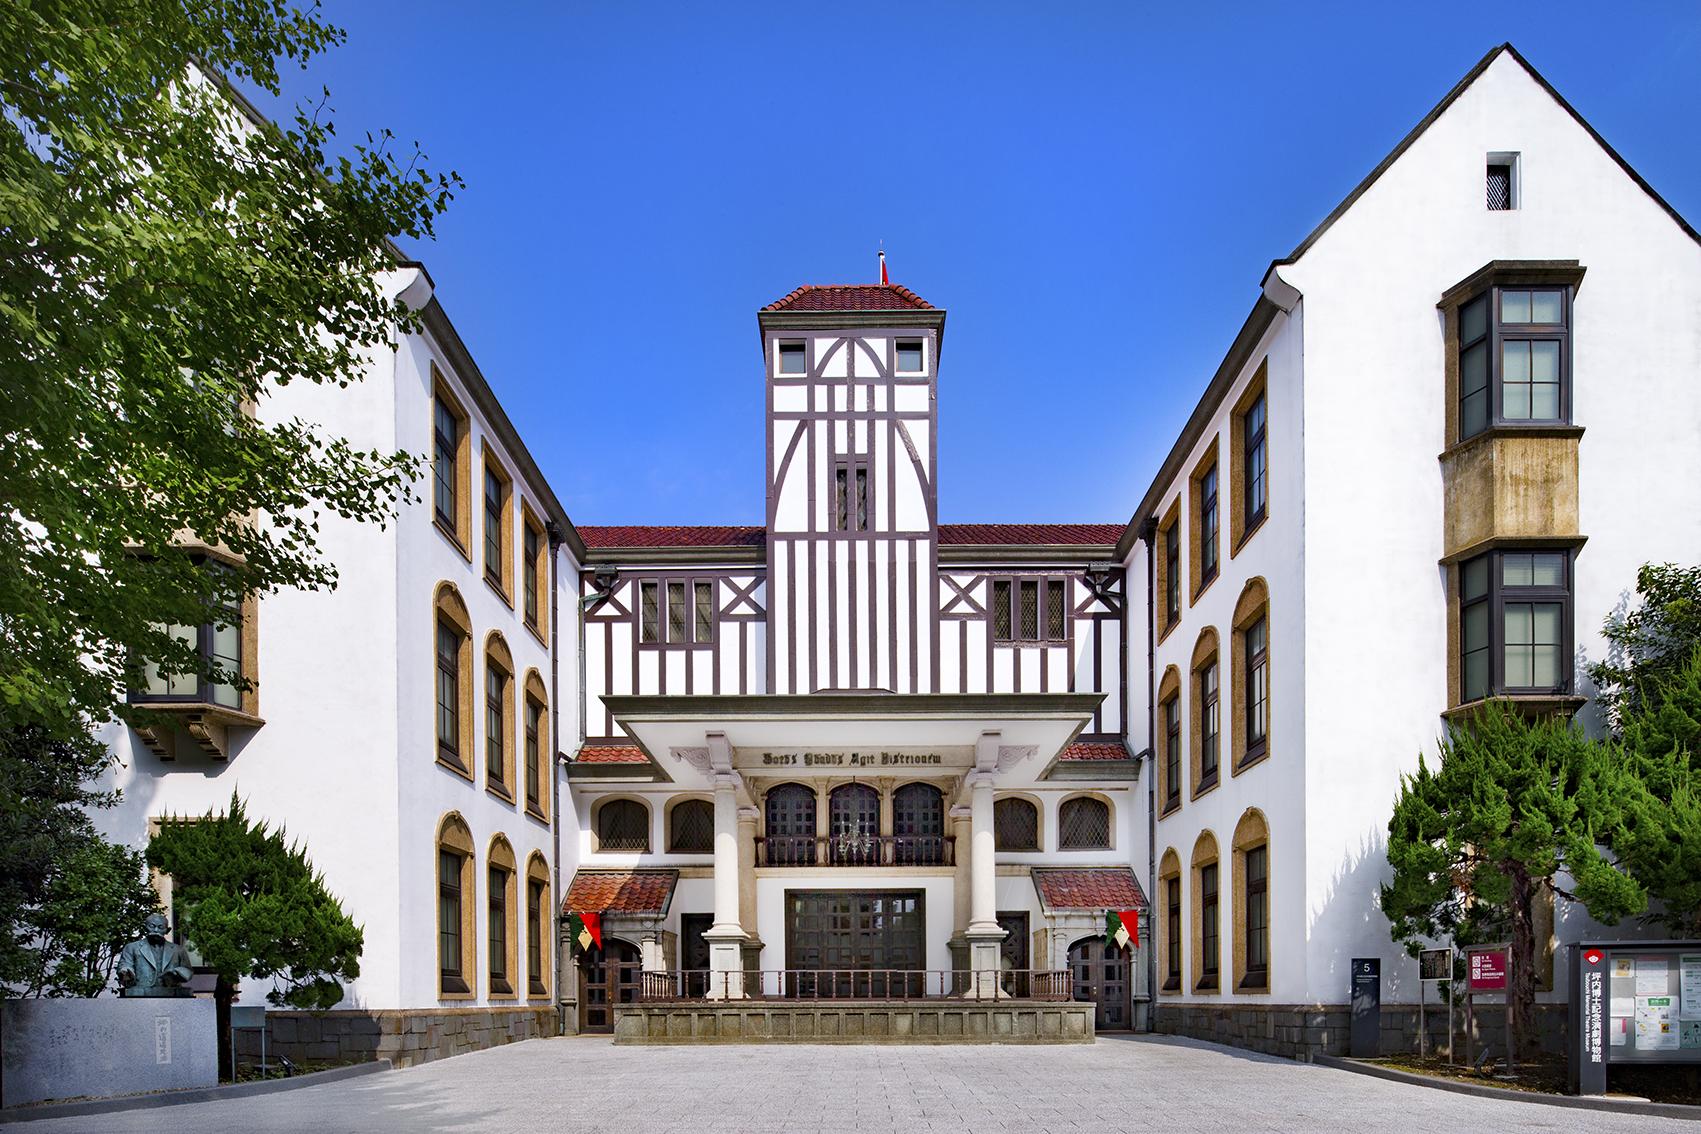 早稲田大学坪内博士記念演劇博物館 – 通称「エンパク」